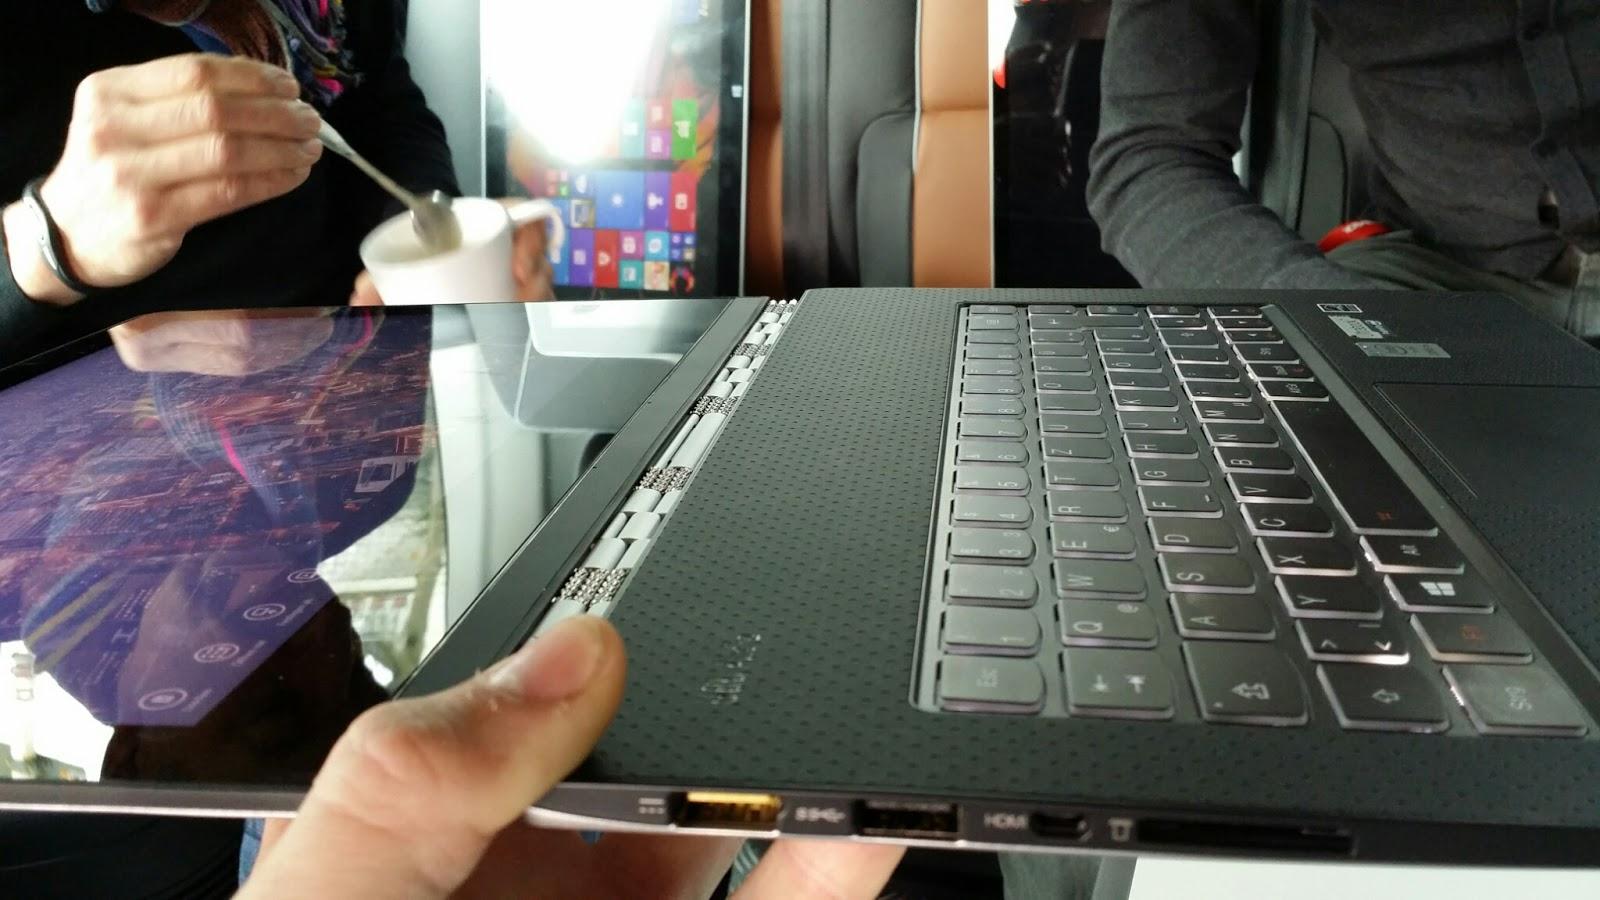 Atomlabor Blog Gadget Tipp : Ein Besuch von Lenovo im Atomlabor und das Lenovo Yoga Tablet 2